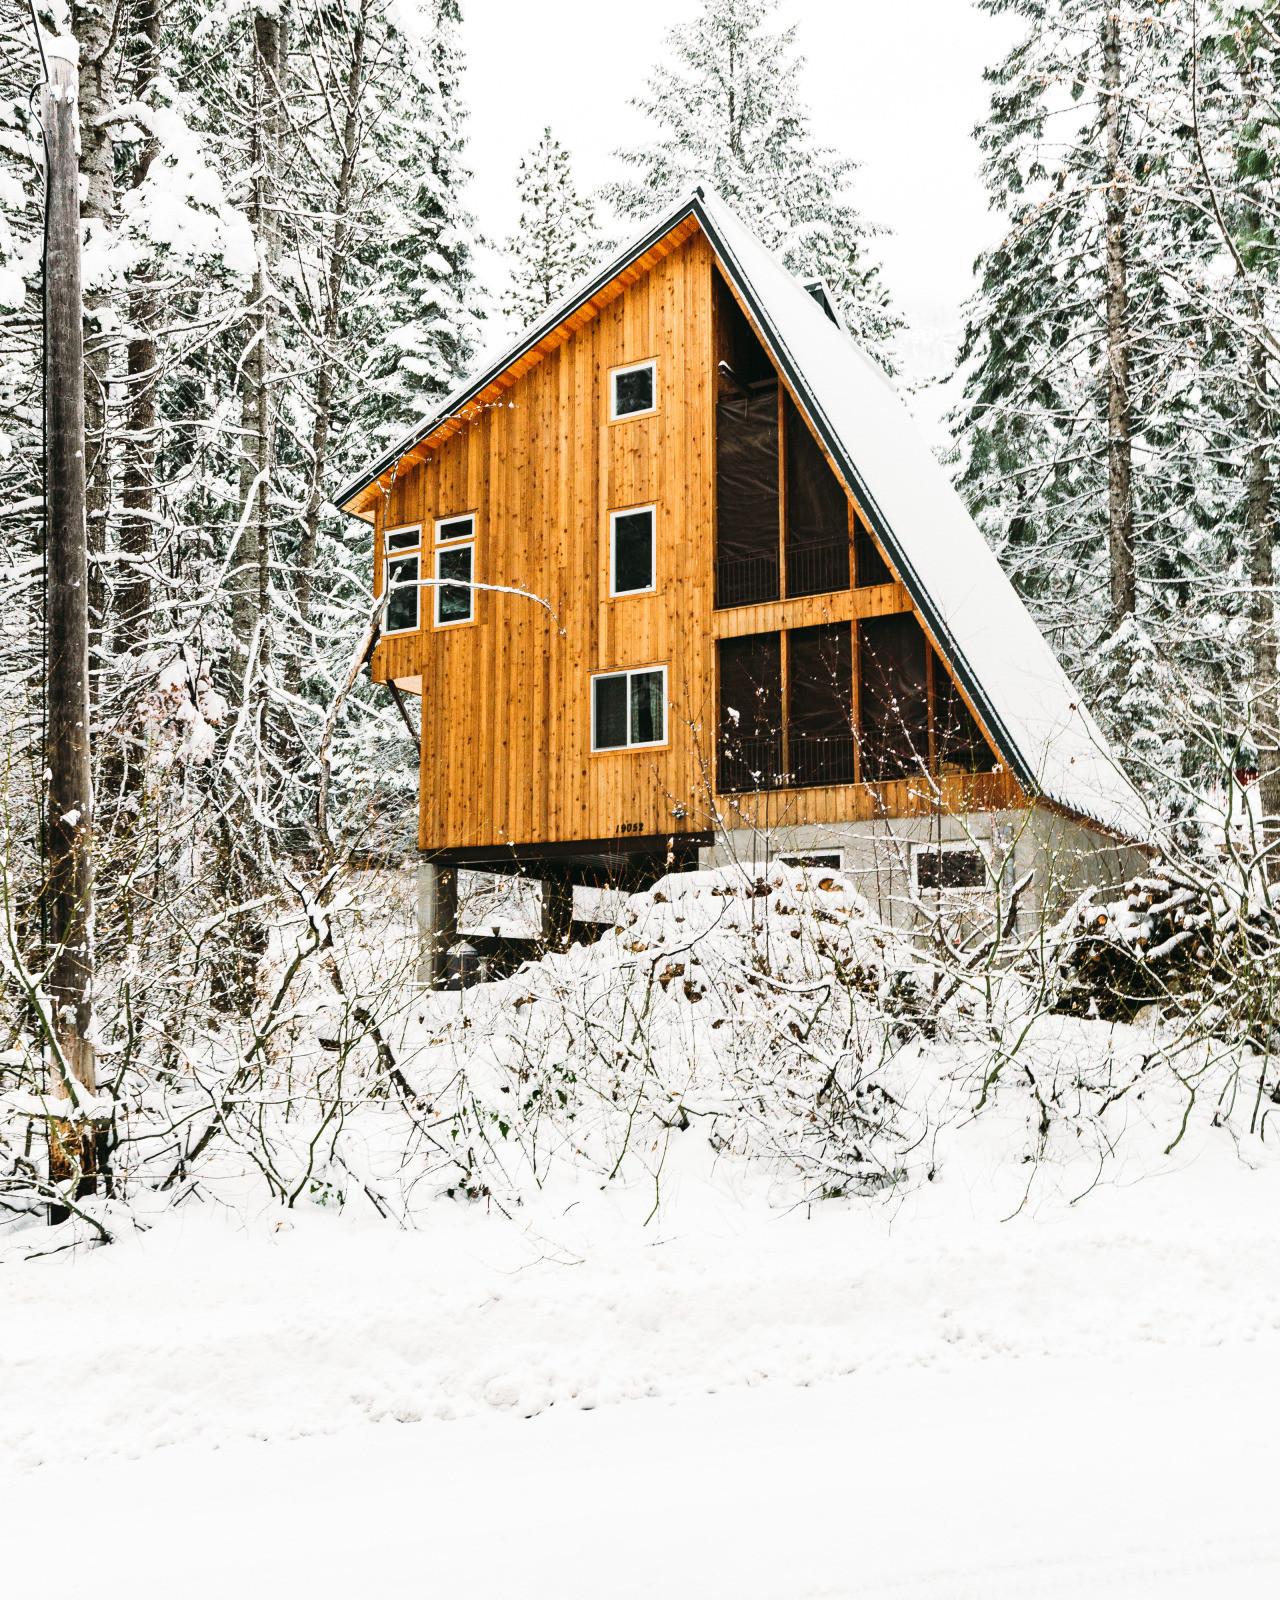 A cabin in the Cascade Mountains, Washington